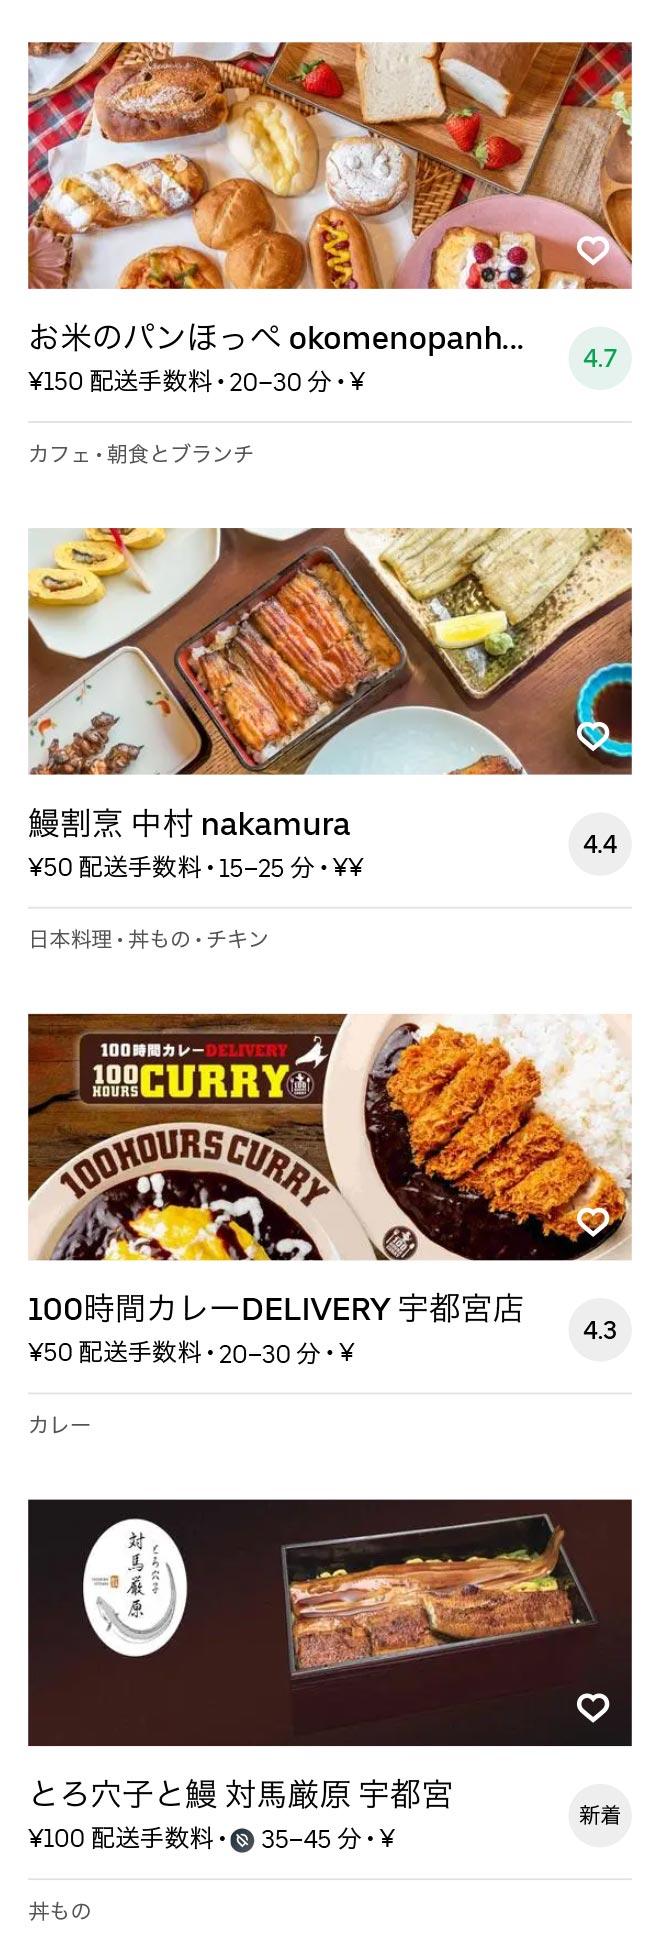 Tobu utsunomiya menu 2010 08